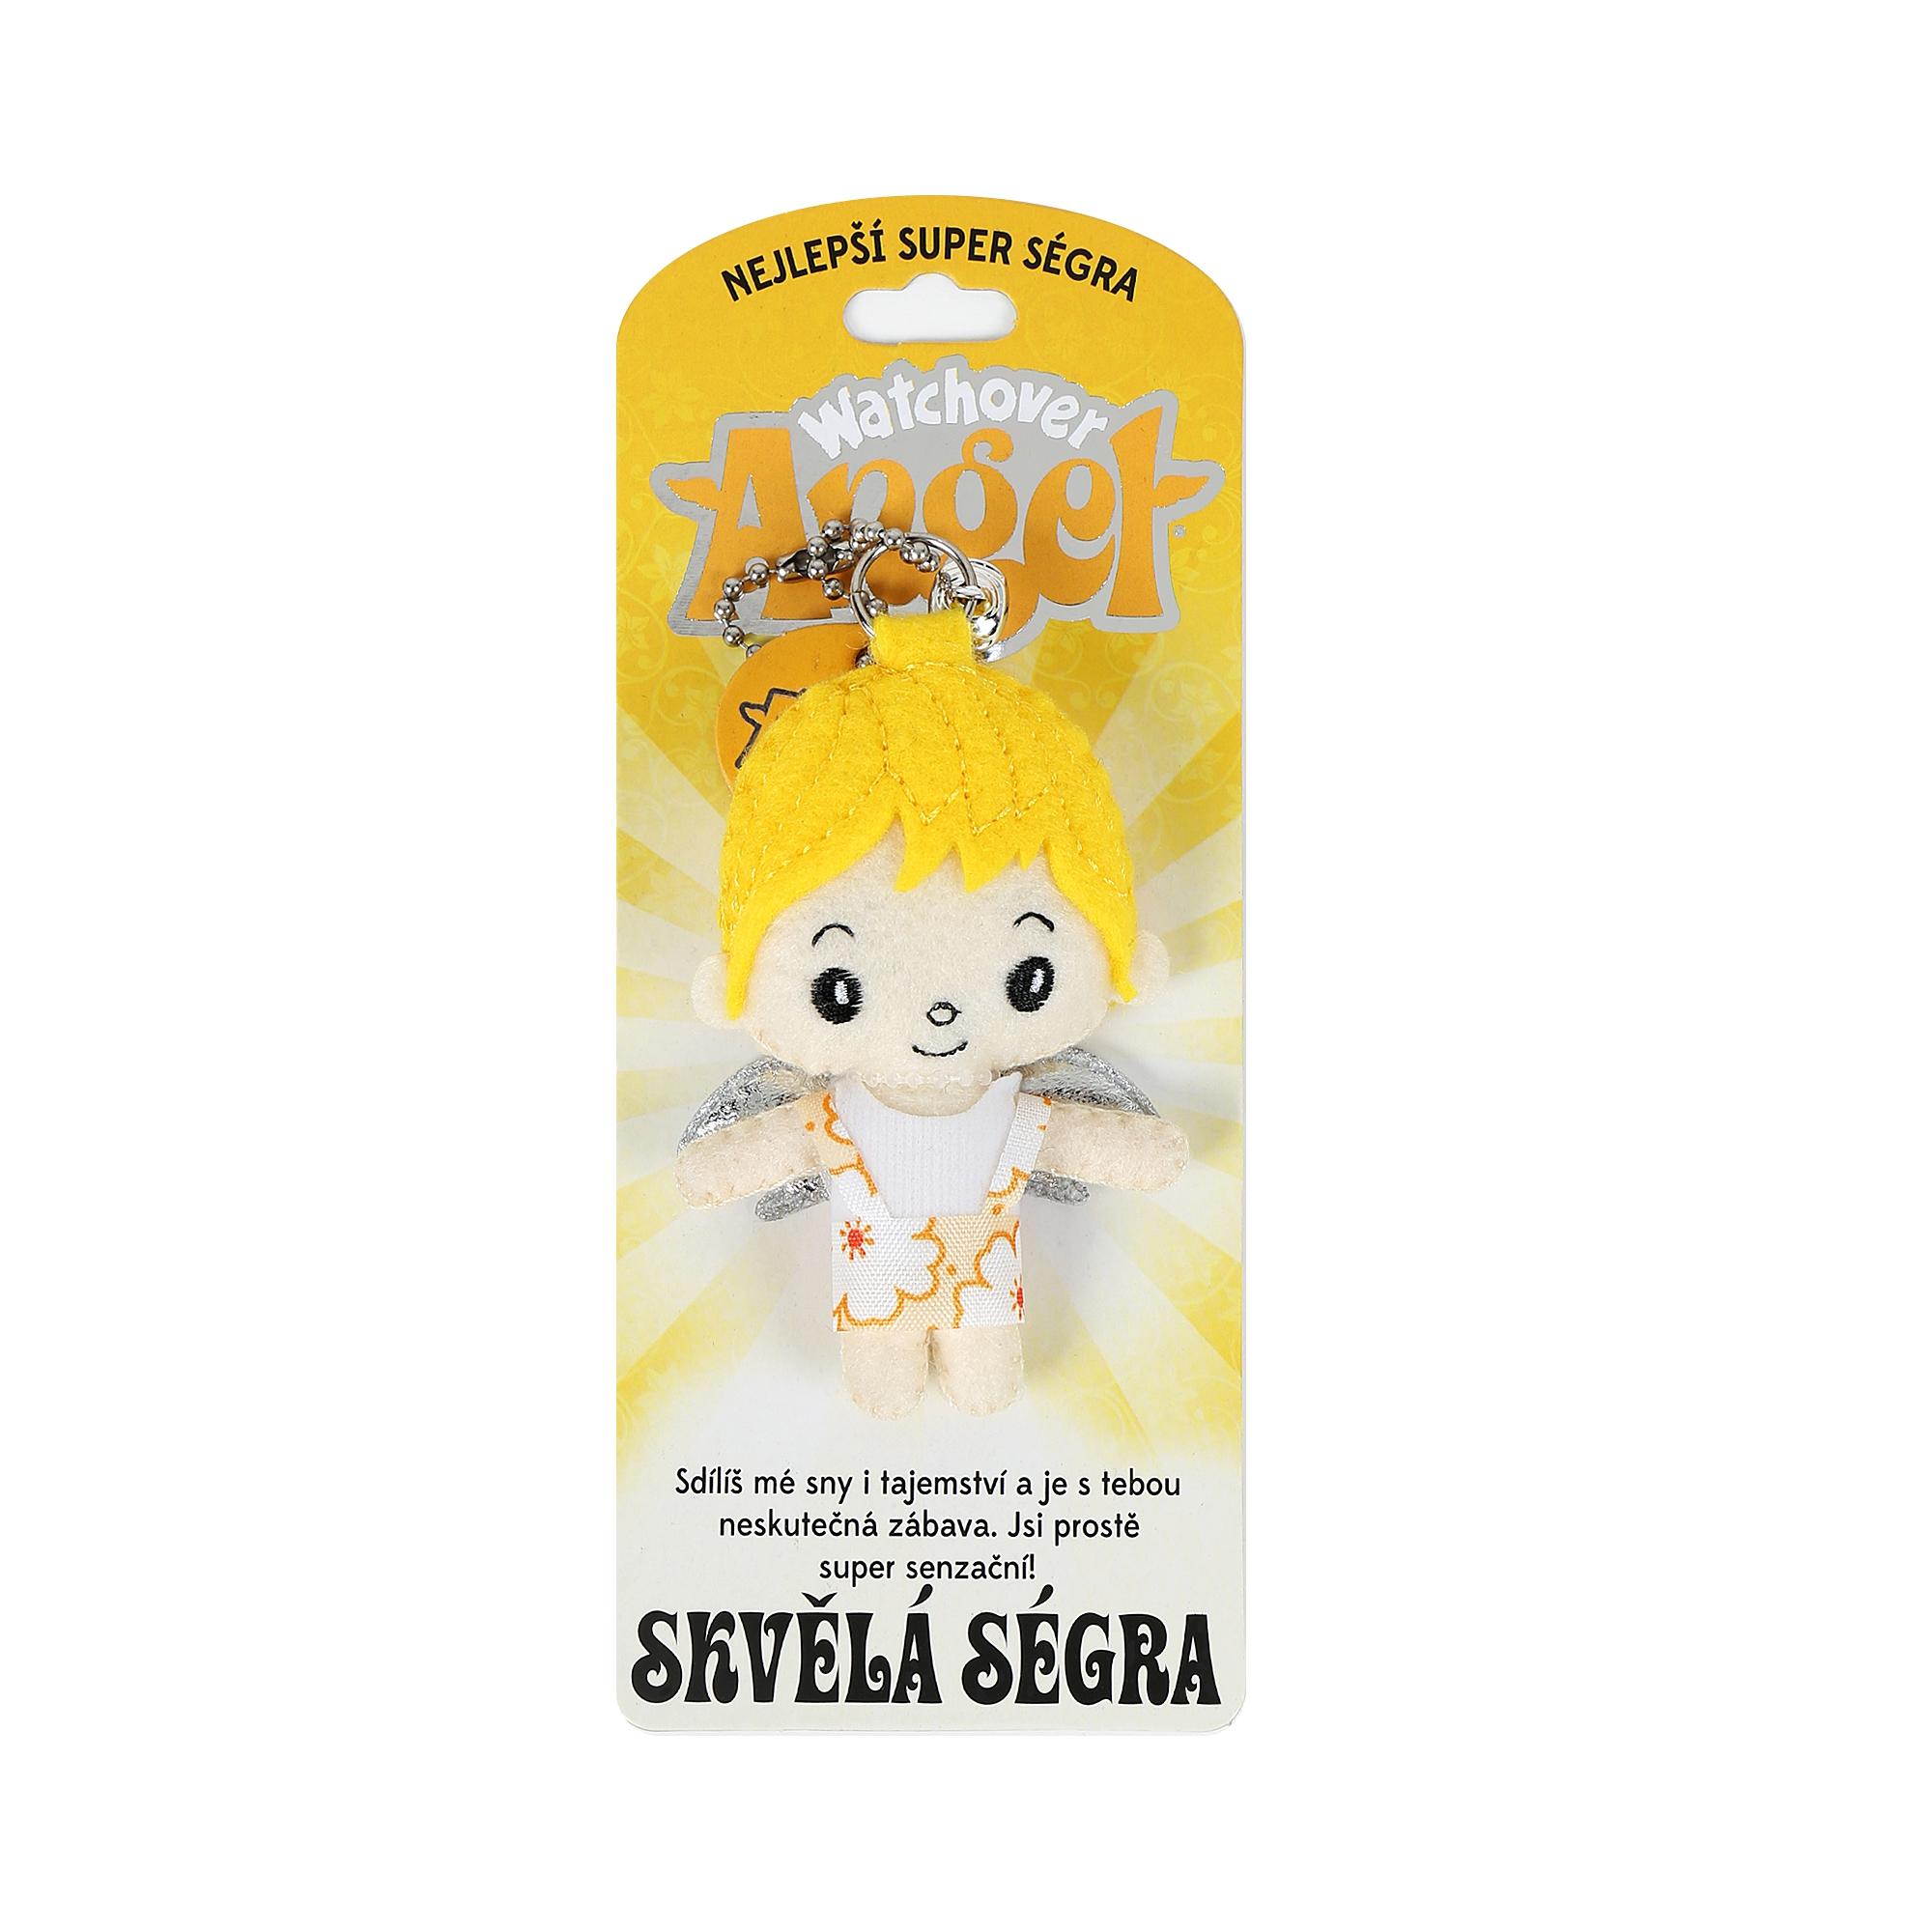 Andělíček strážníček - Ségra